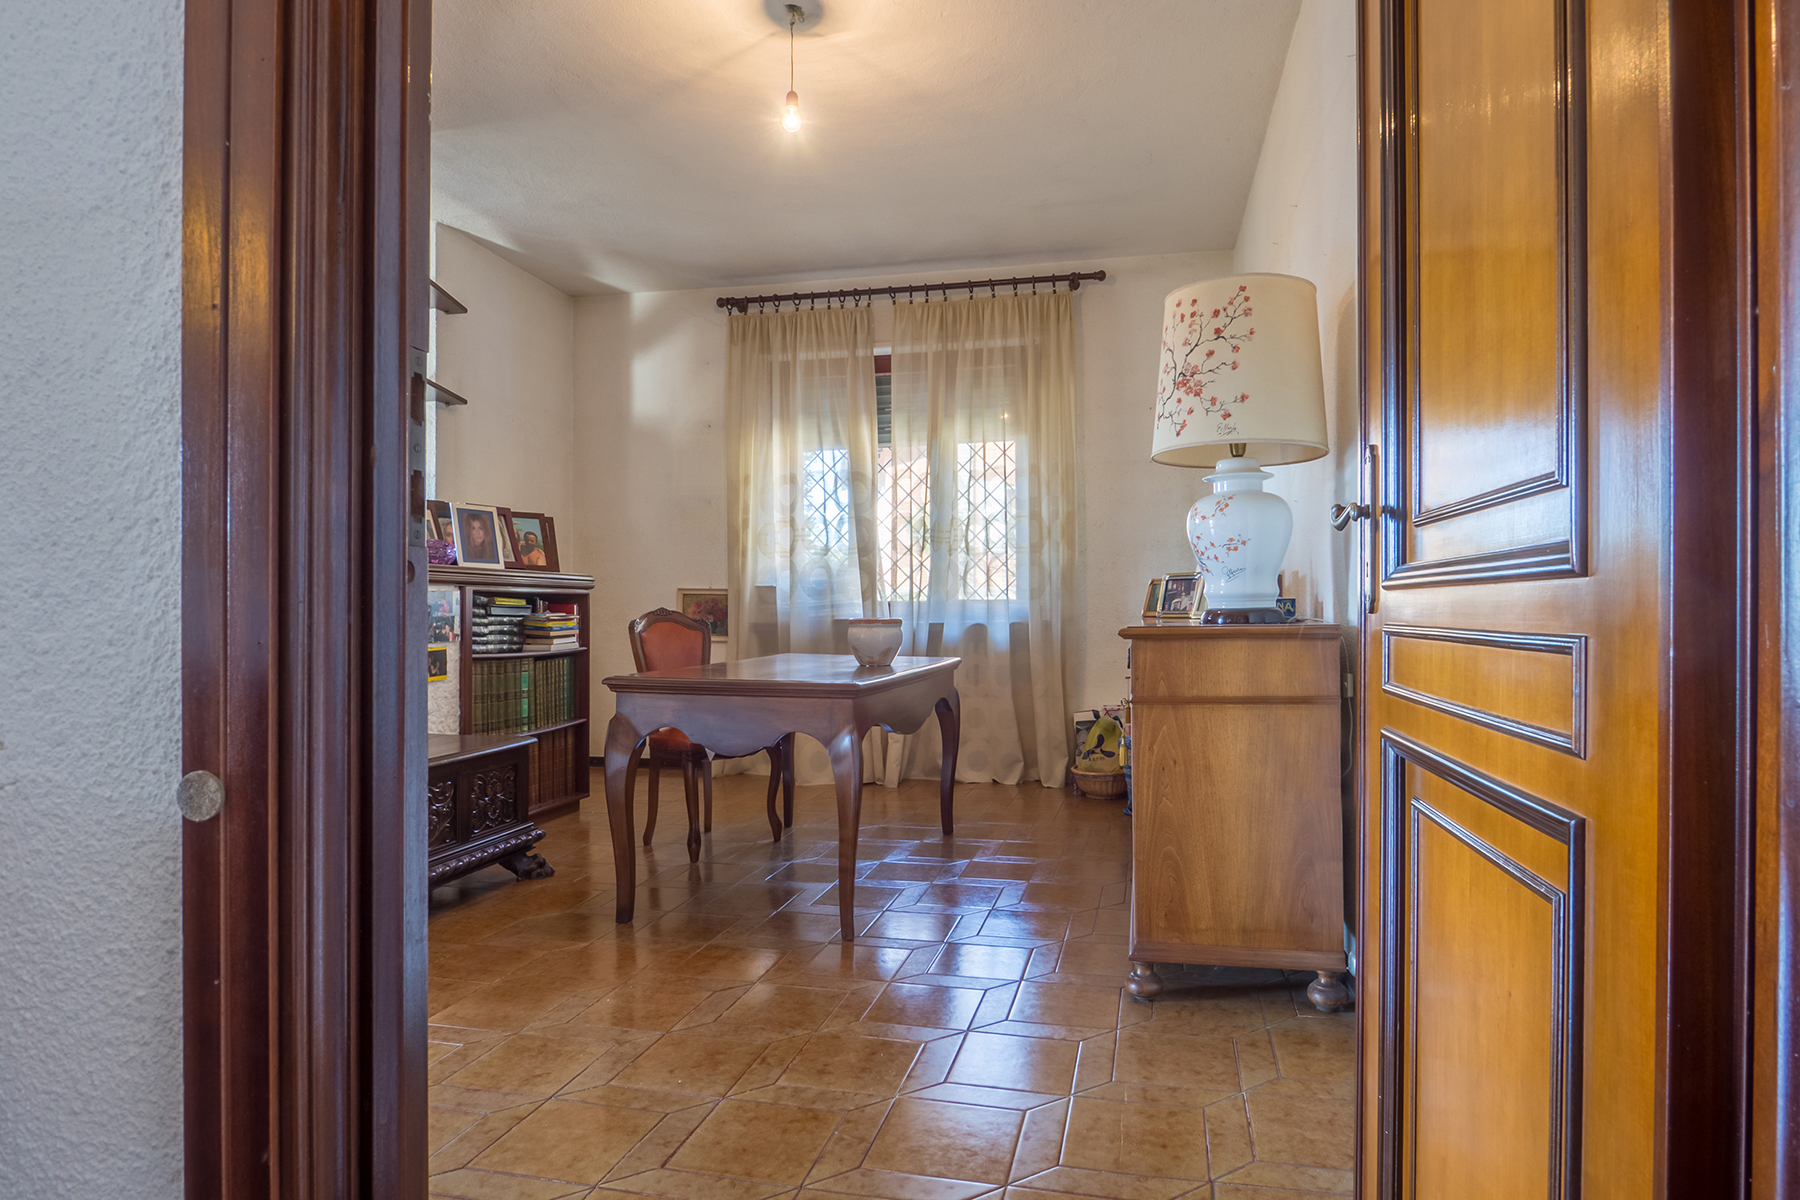 Casa indipendente in Vendita a Moncalieri: 5 locali, 310 mq - Foto 8